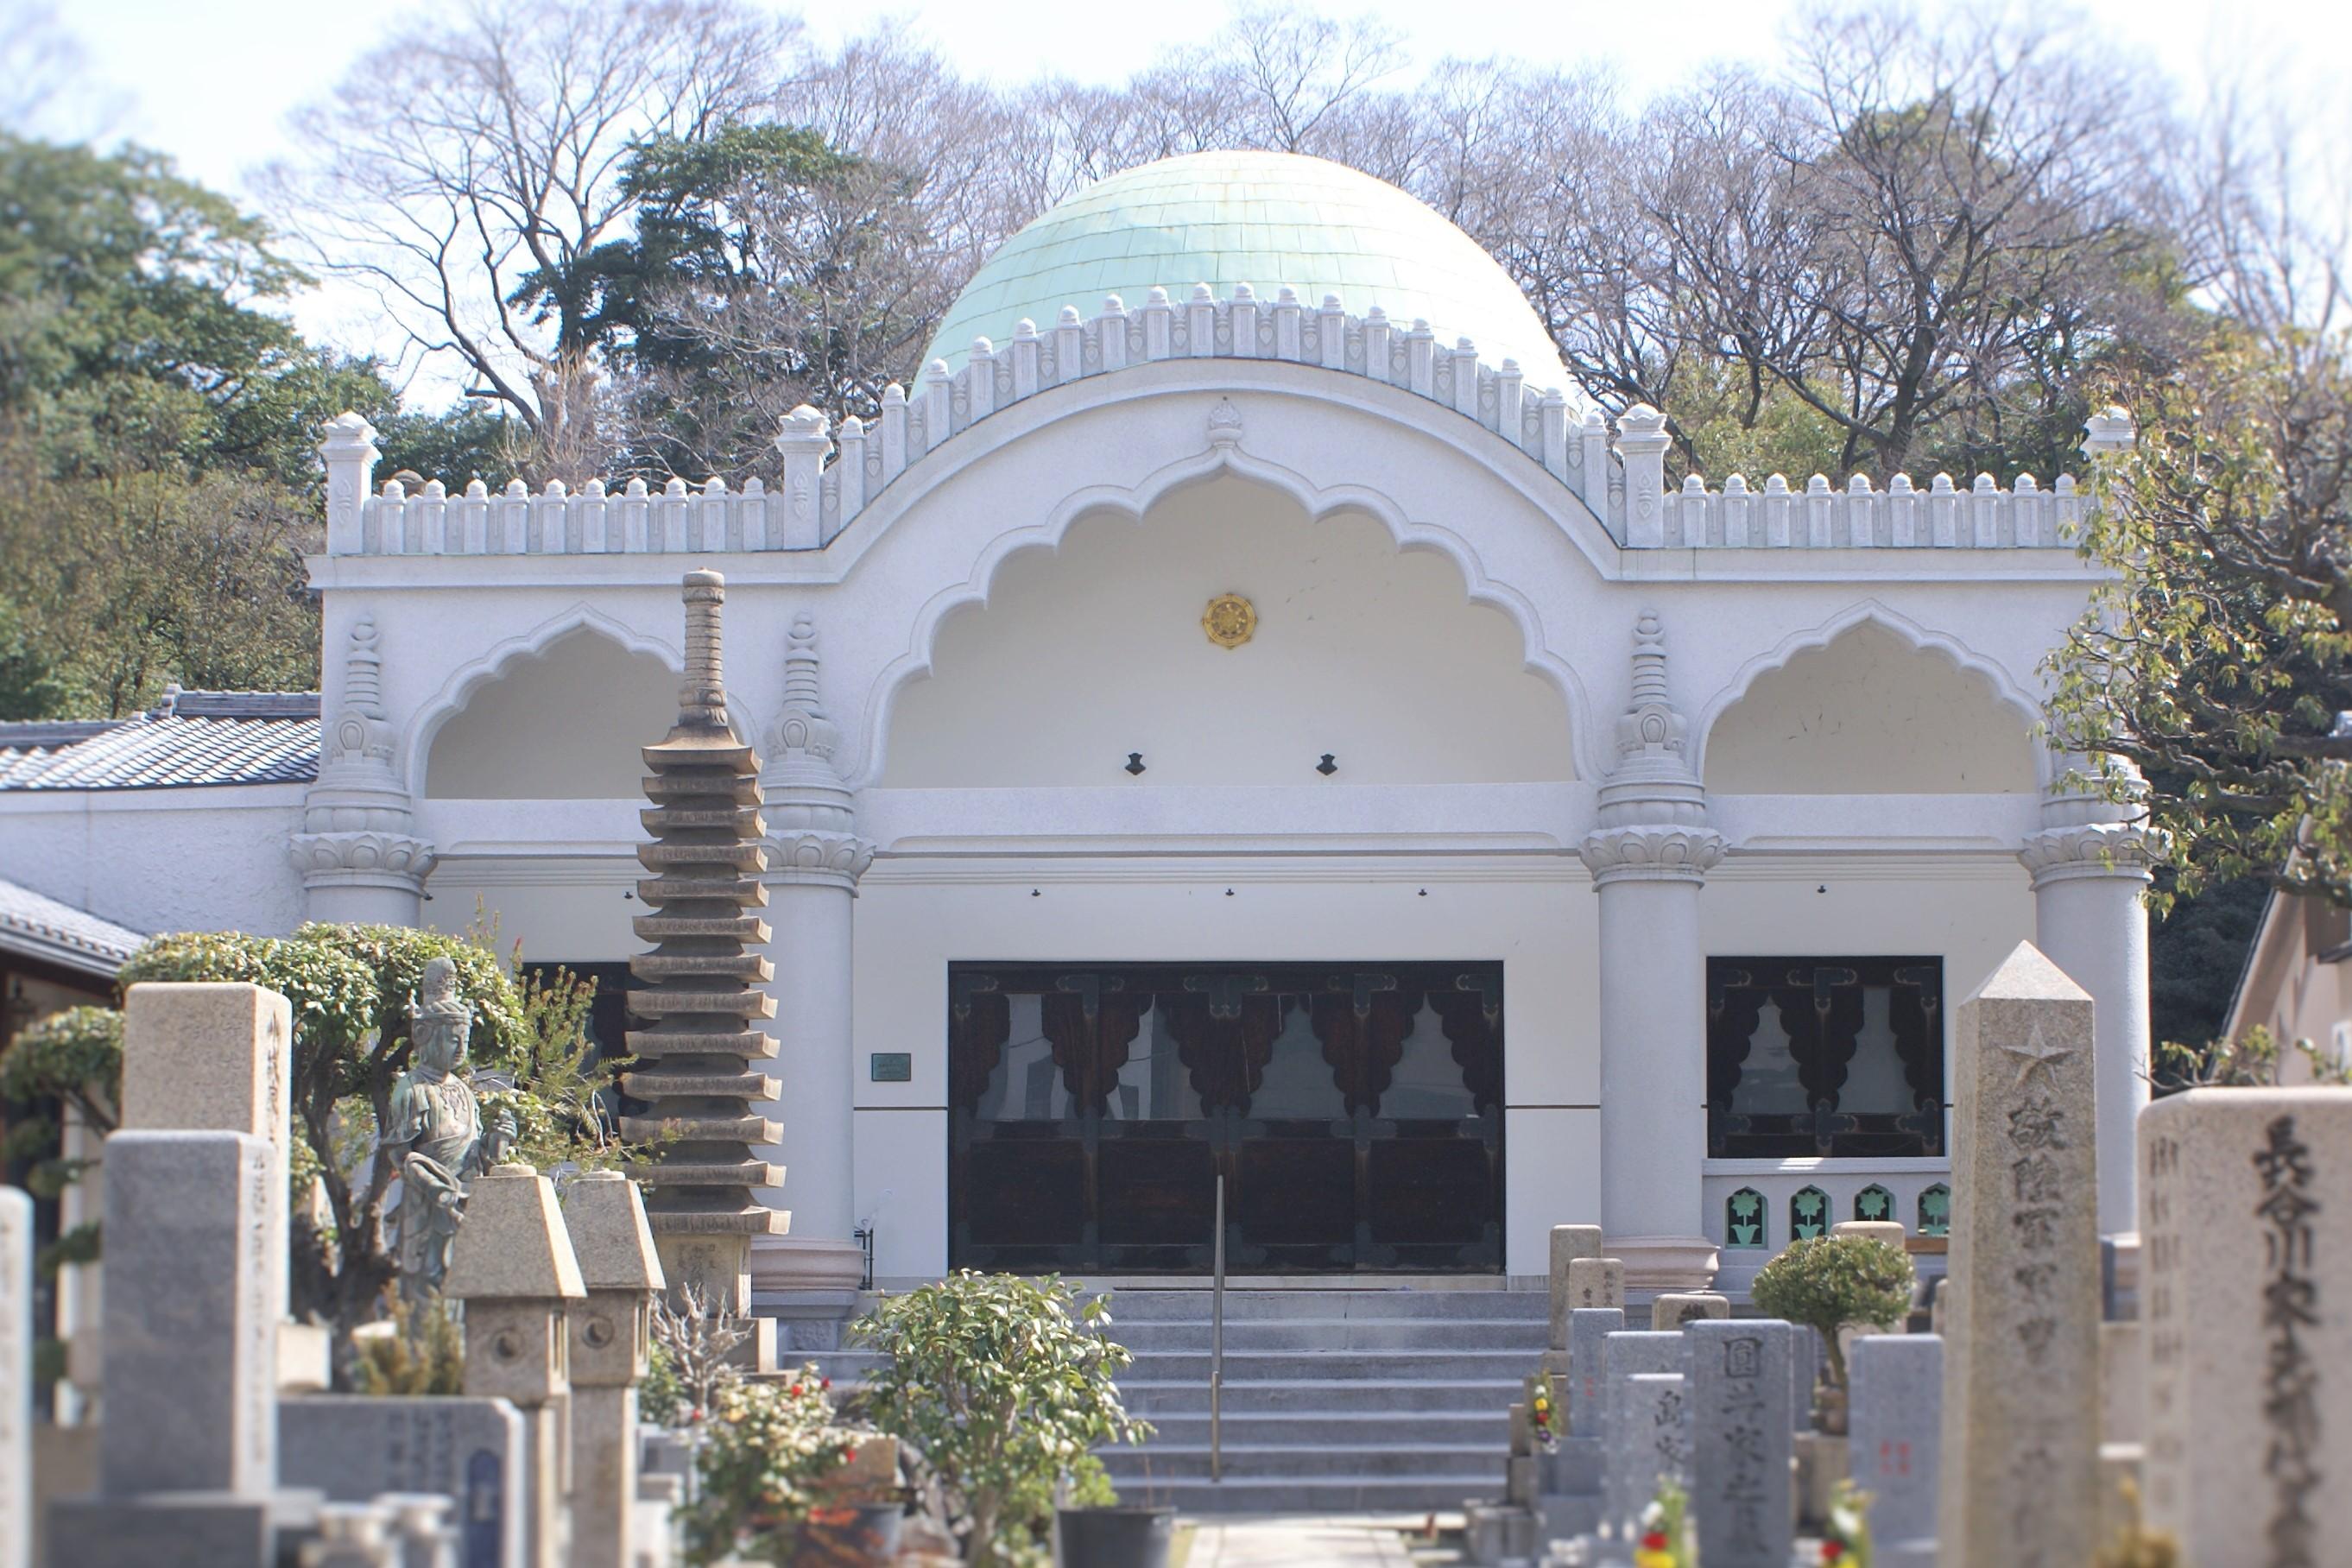 <p>インド風の本堂正面</p>お寺の伽藍のイメージとはかけ離れたインド風の建物である。大正12年、本堂と観音堂が焼失し、時の住職がインドのタージマハルを参考に設計されたといわれる。